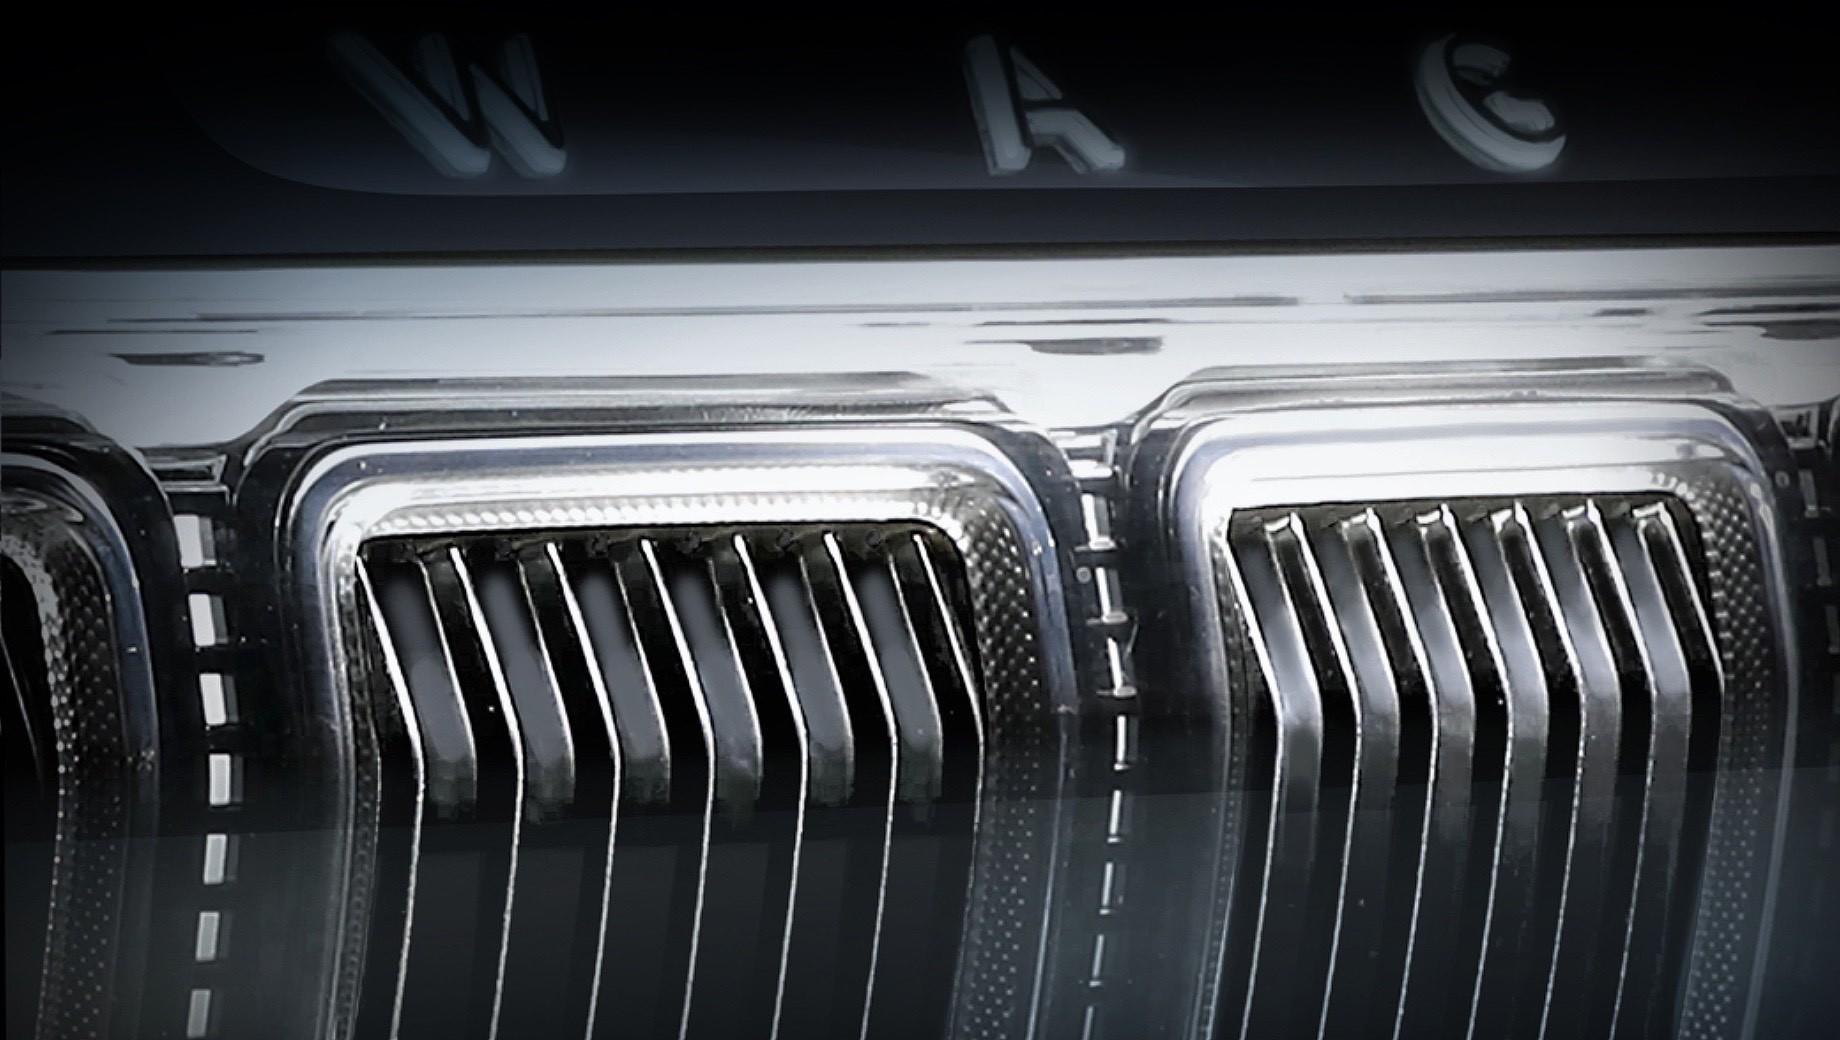 Jeep wagoneer,Jeep grand wagoneer. Под капотом исполинских моделей Wagoneer и Grand Wagoneer пропишутся моторы V6 3.6 и V8 5.7, которые на соплатформенном пикапе Ram 1500 выдают 309 л.с. (365 Н•м) и 401 л.с. (556 Н•м) соответственно. С похожими агрегатами будет доступен и новый Grand Cherokee.